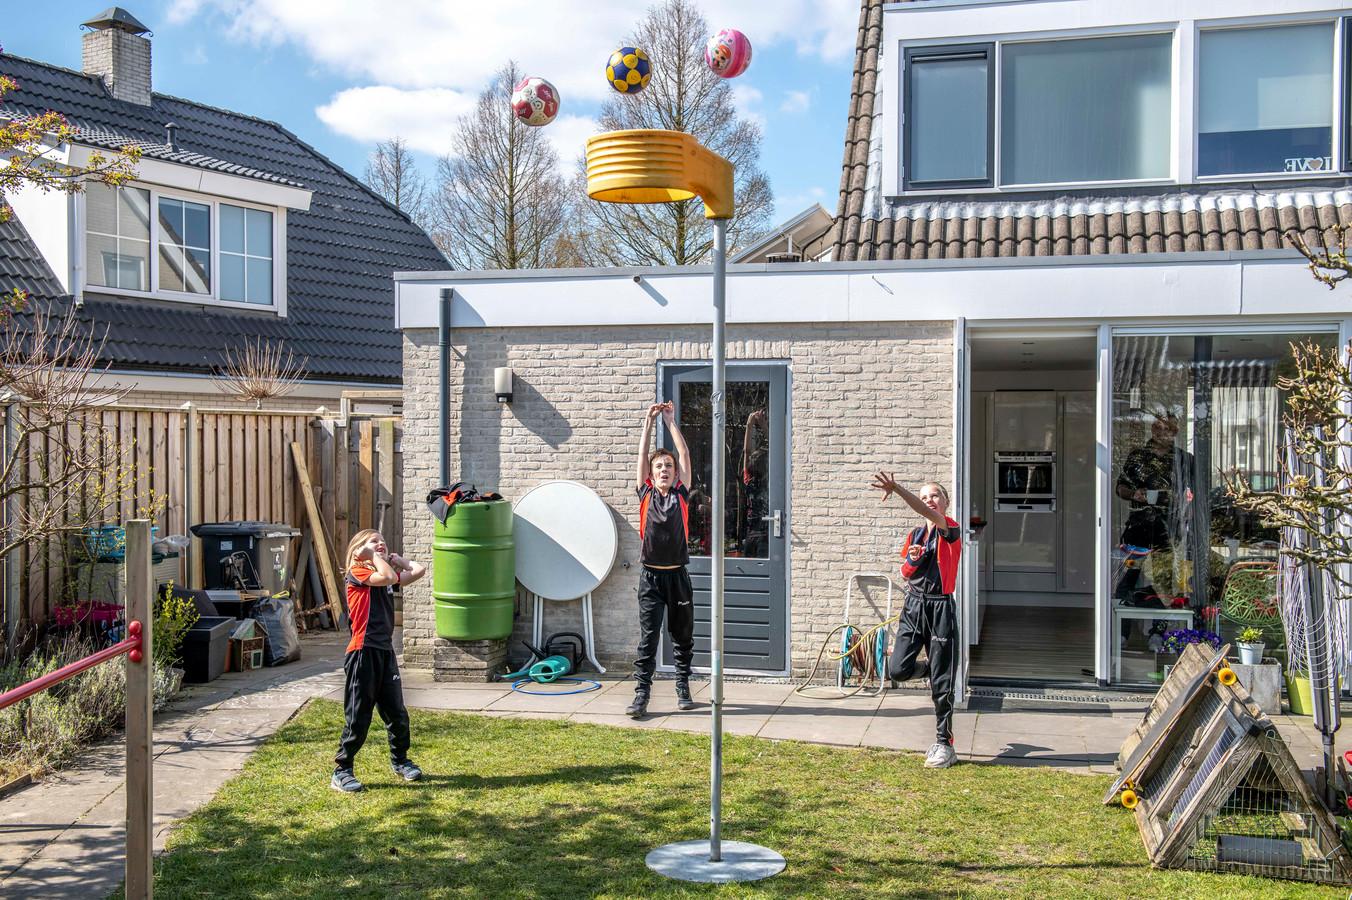 Madelief, Pepijn en Merel  (vlnr) Aalberts korfballen in de tuin bij hun huis in Arnemuiden.